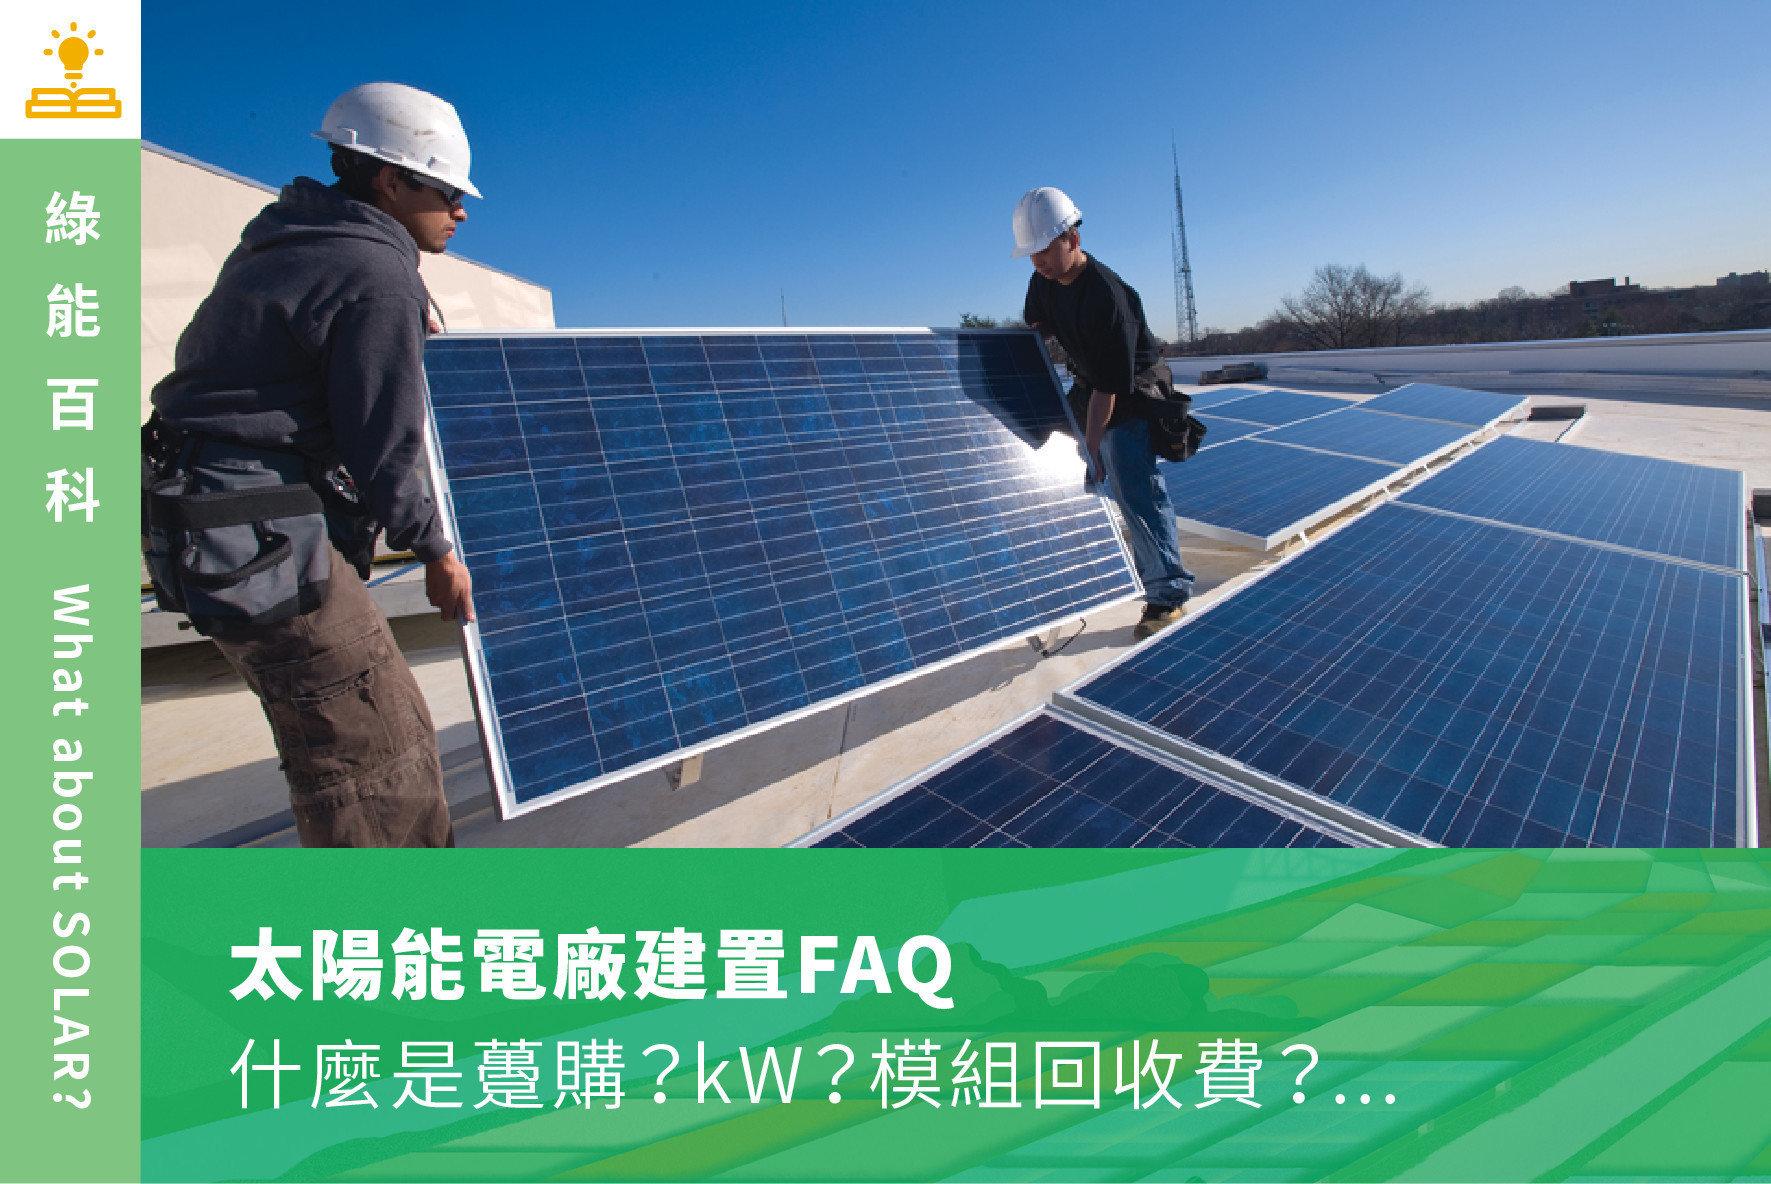 太陽能電廠建置FAQ常見問題